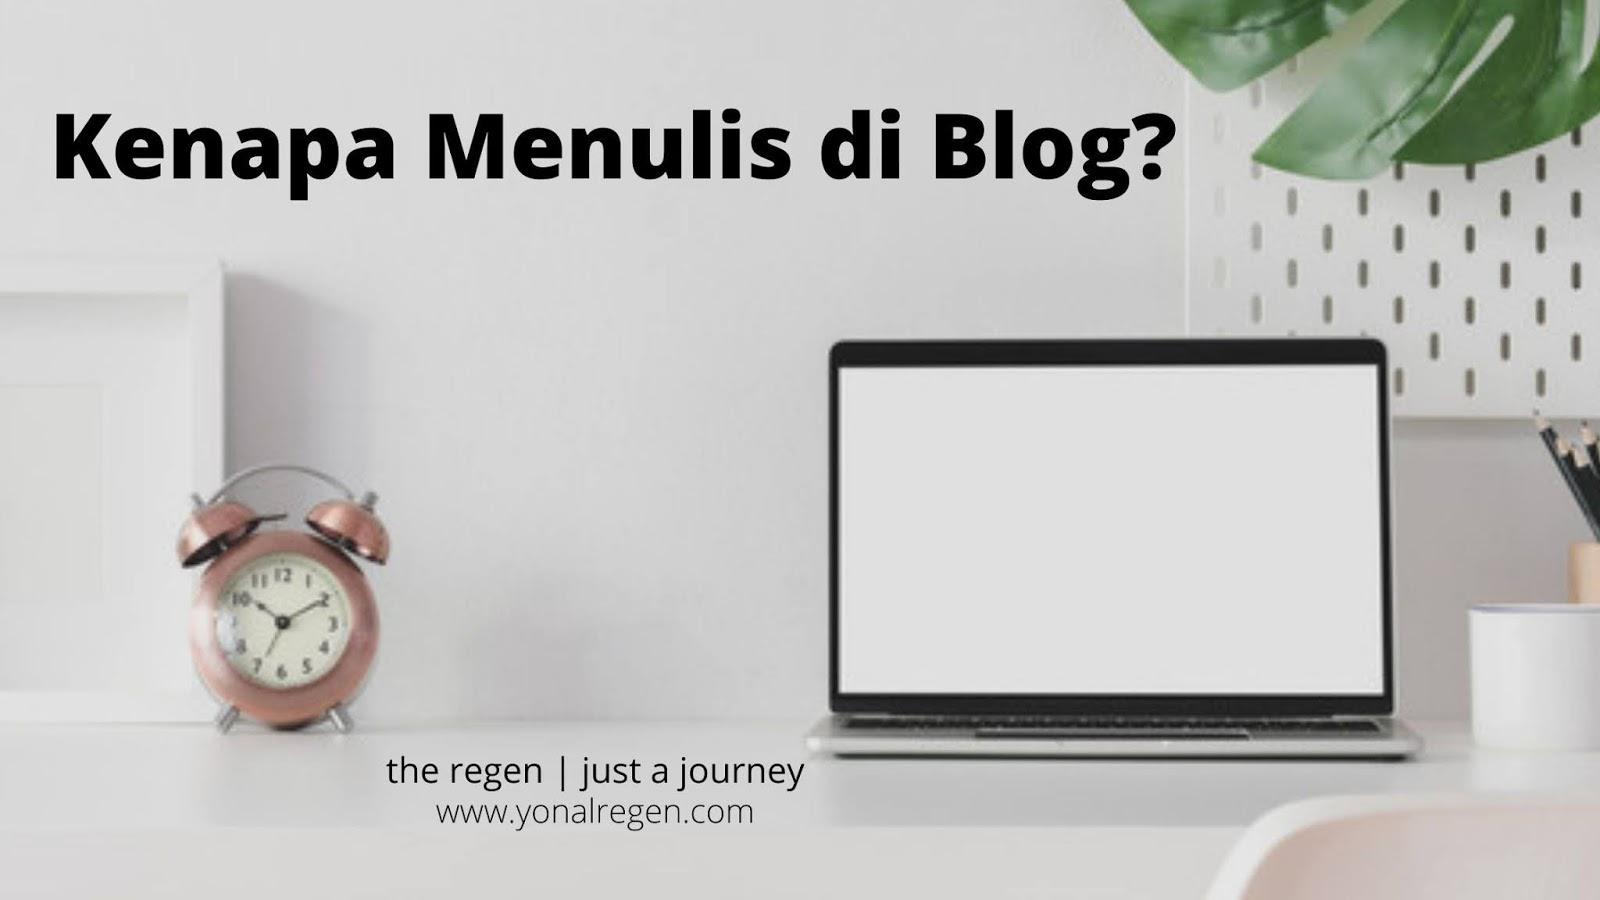 kenapa menulis di blog?